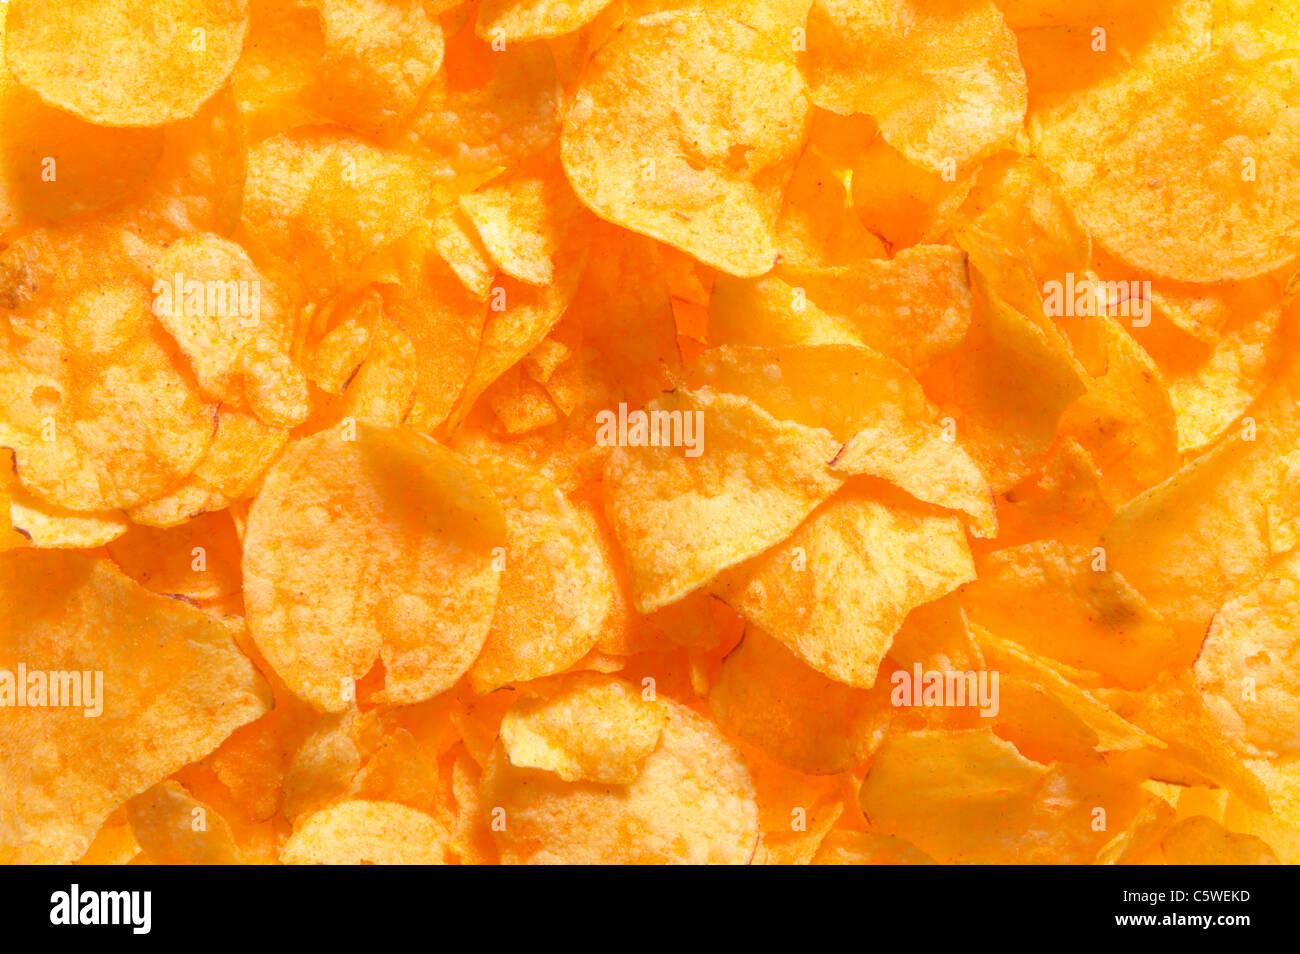 Kartoffel-Chips, full-Frame, Nahaufnahme Stockbild